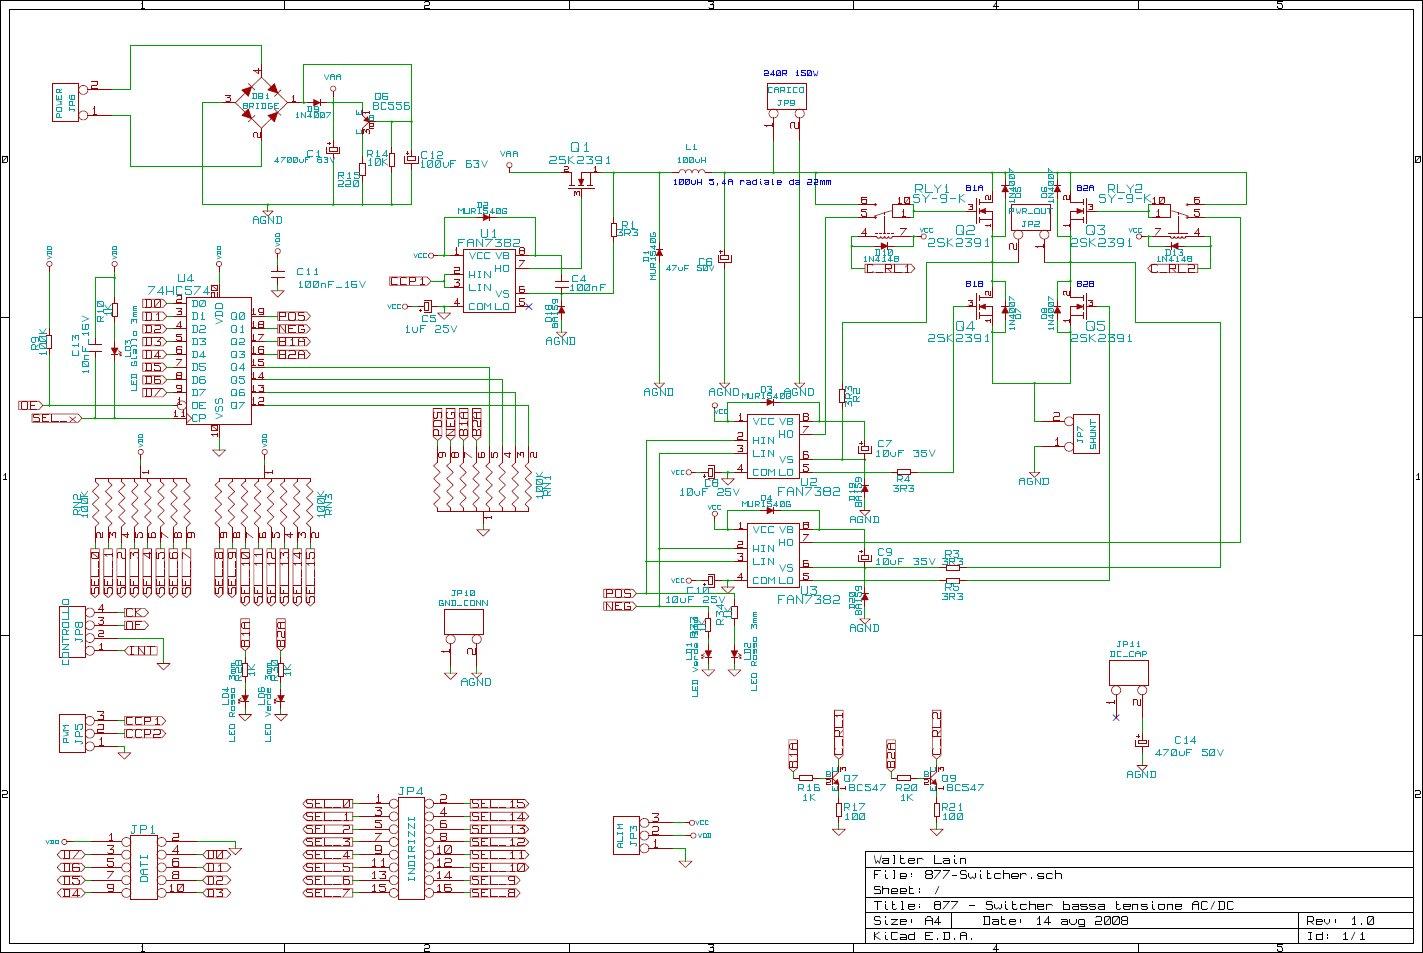 Schemi Elettrici In Pdf : 877 system